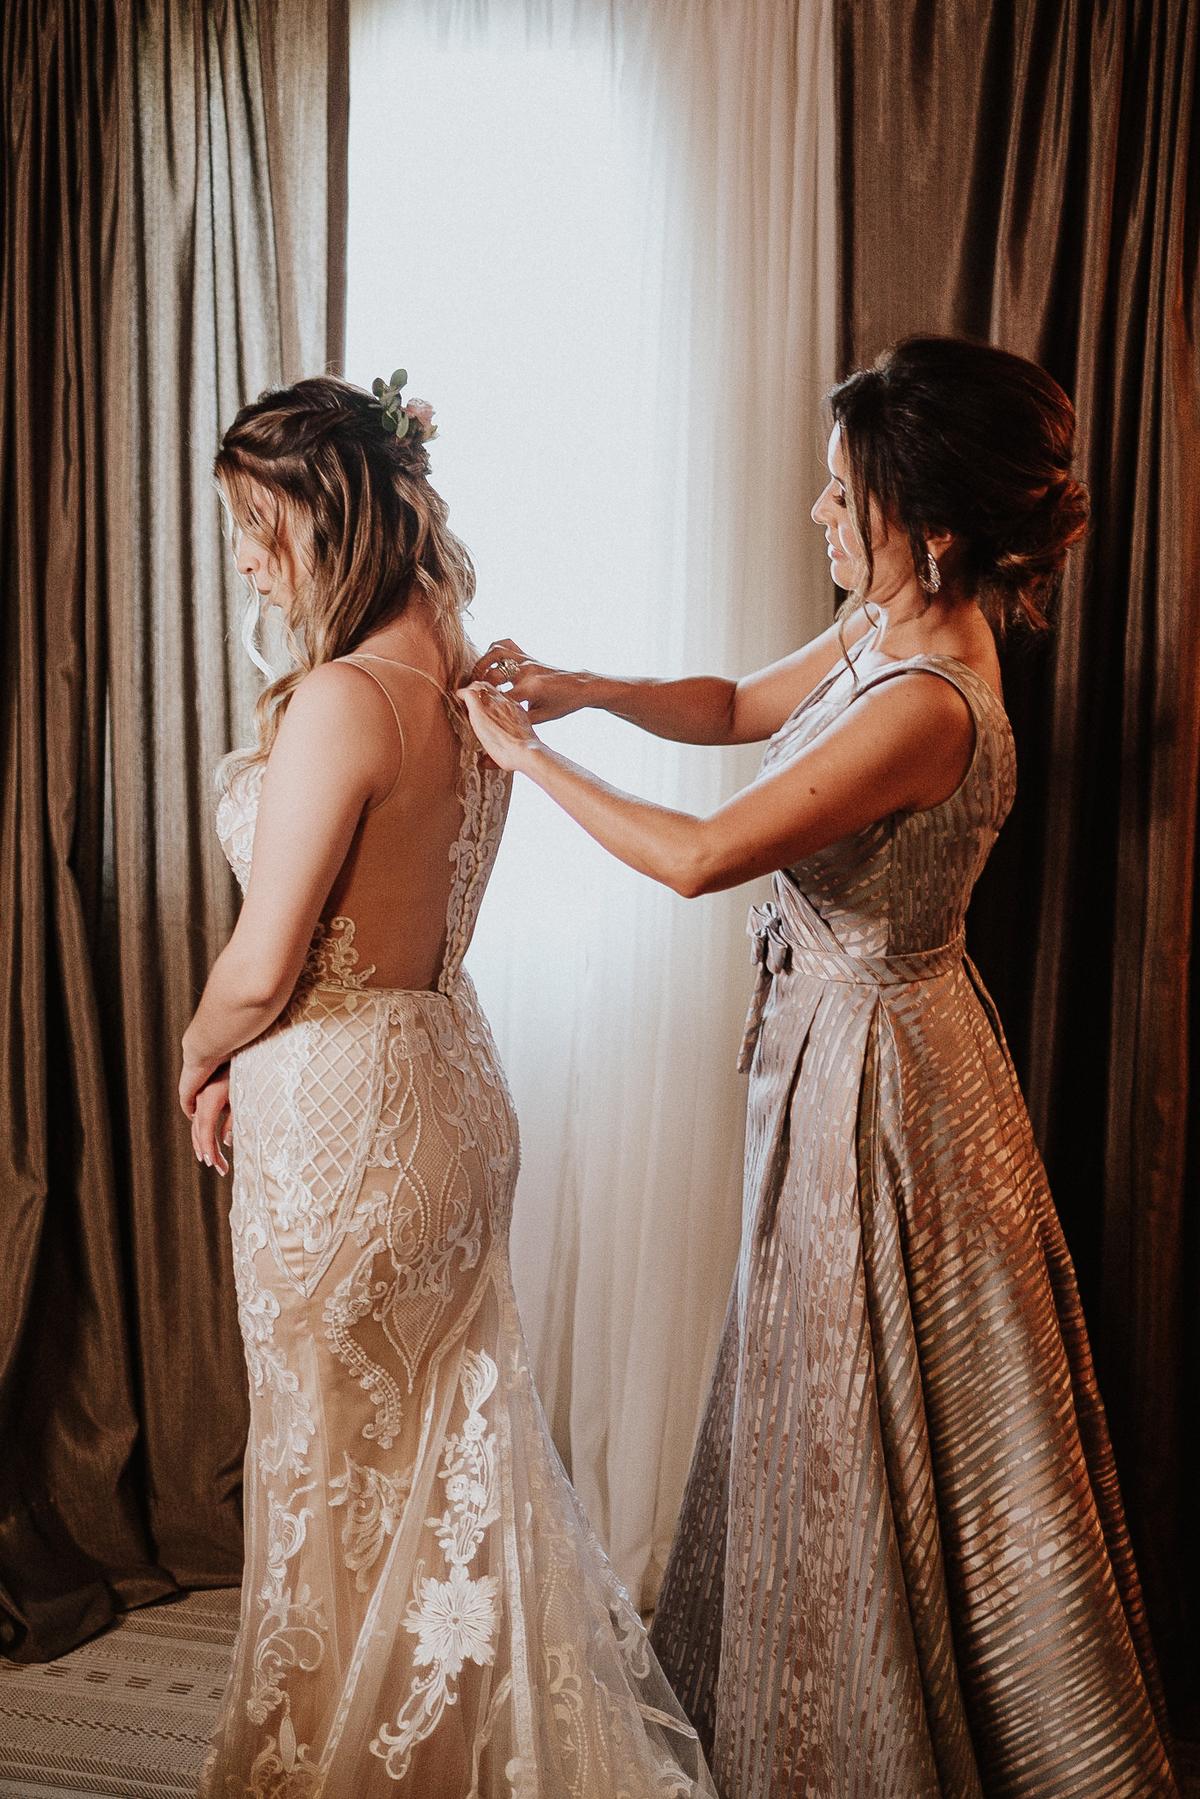 elopement casamentos no campo casar de dia fotografos de casamento vestidos de noiva making of da noiva com a mae